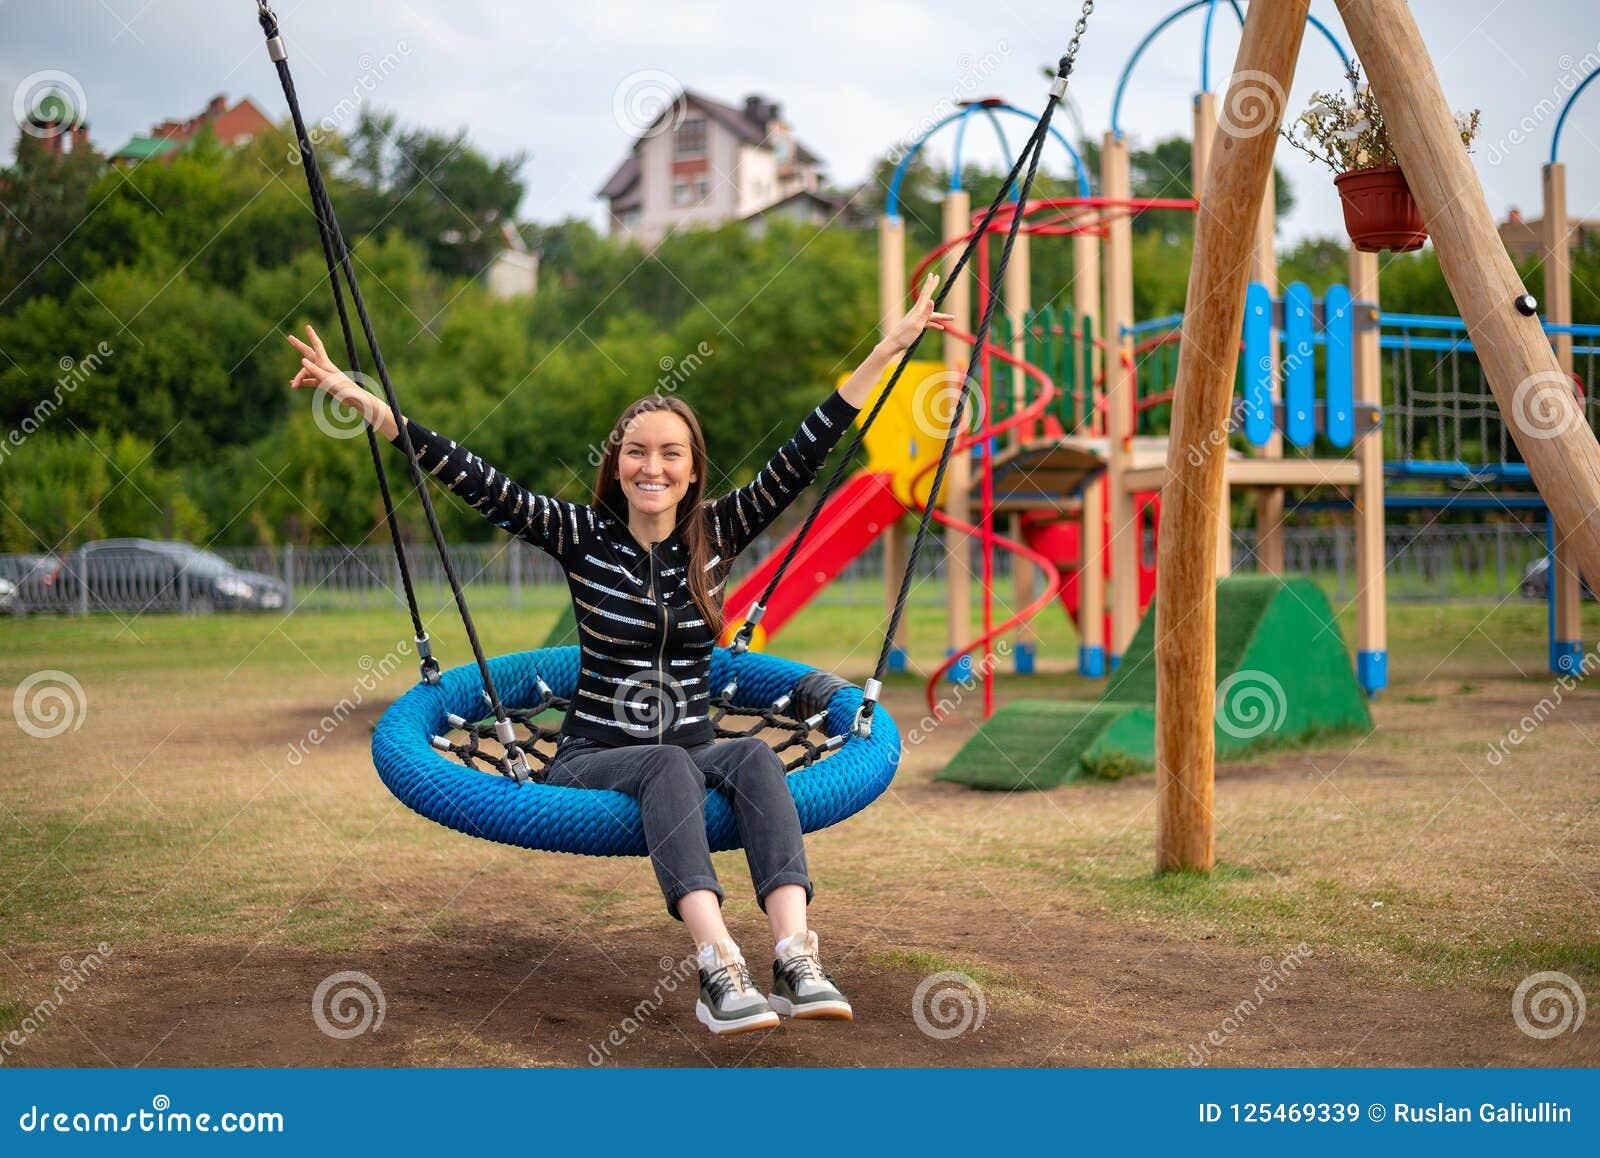 Jonge gelukkige vrouw bij het hangen van schommeling in Park het glimlachen handen omhoog, concept vrijheid, weekend, kinderjaren